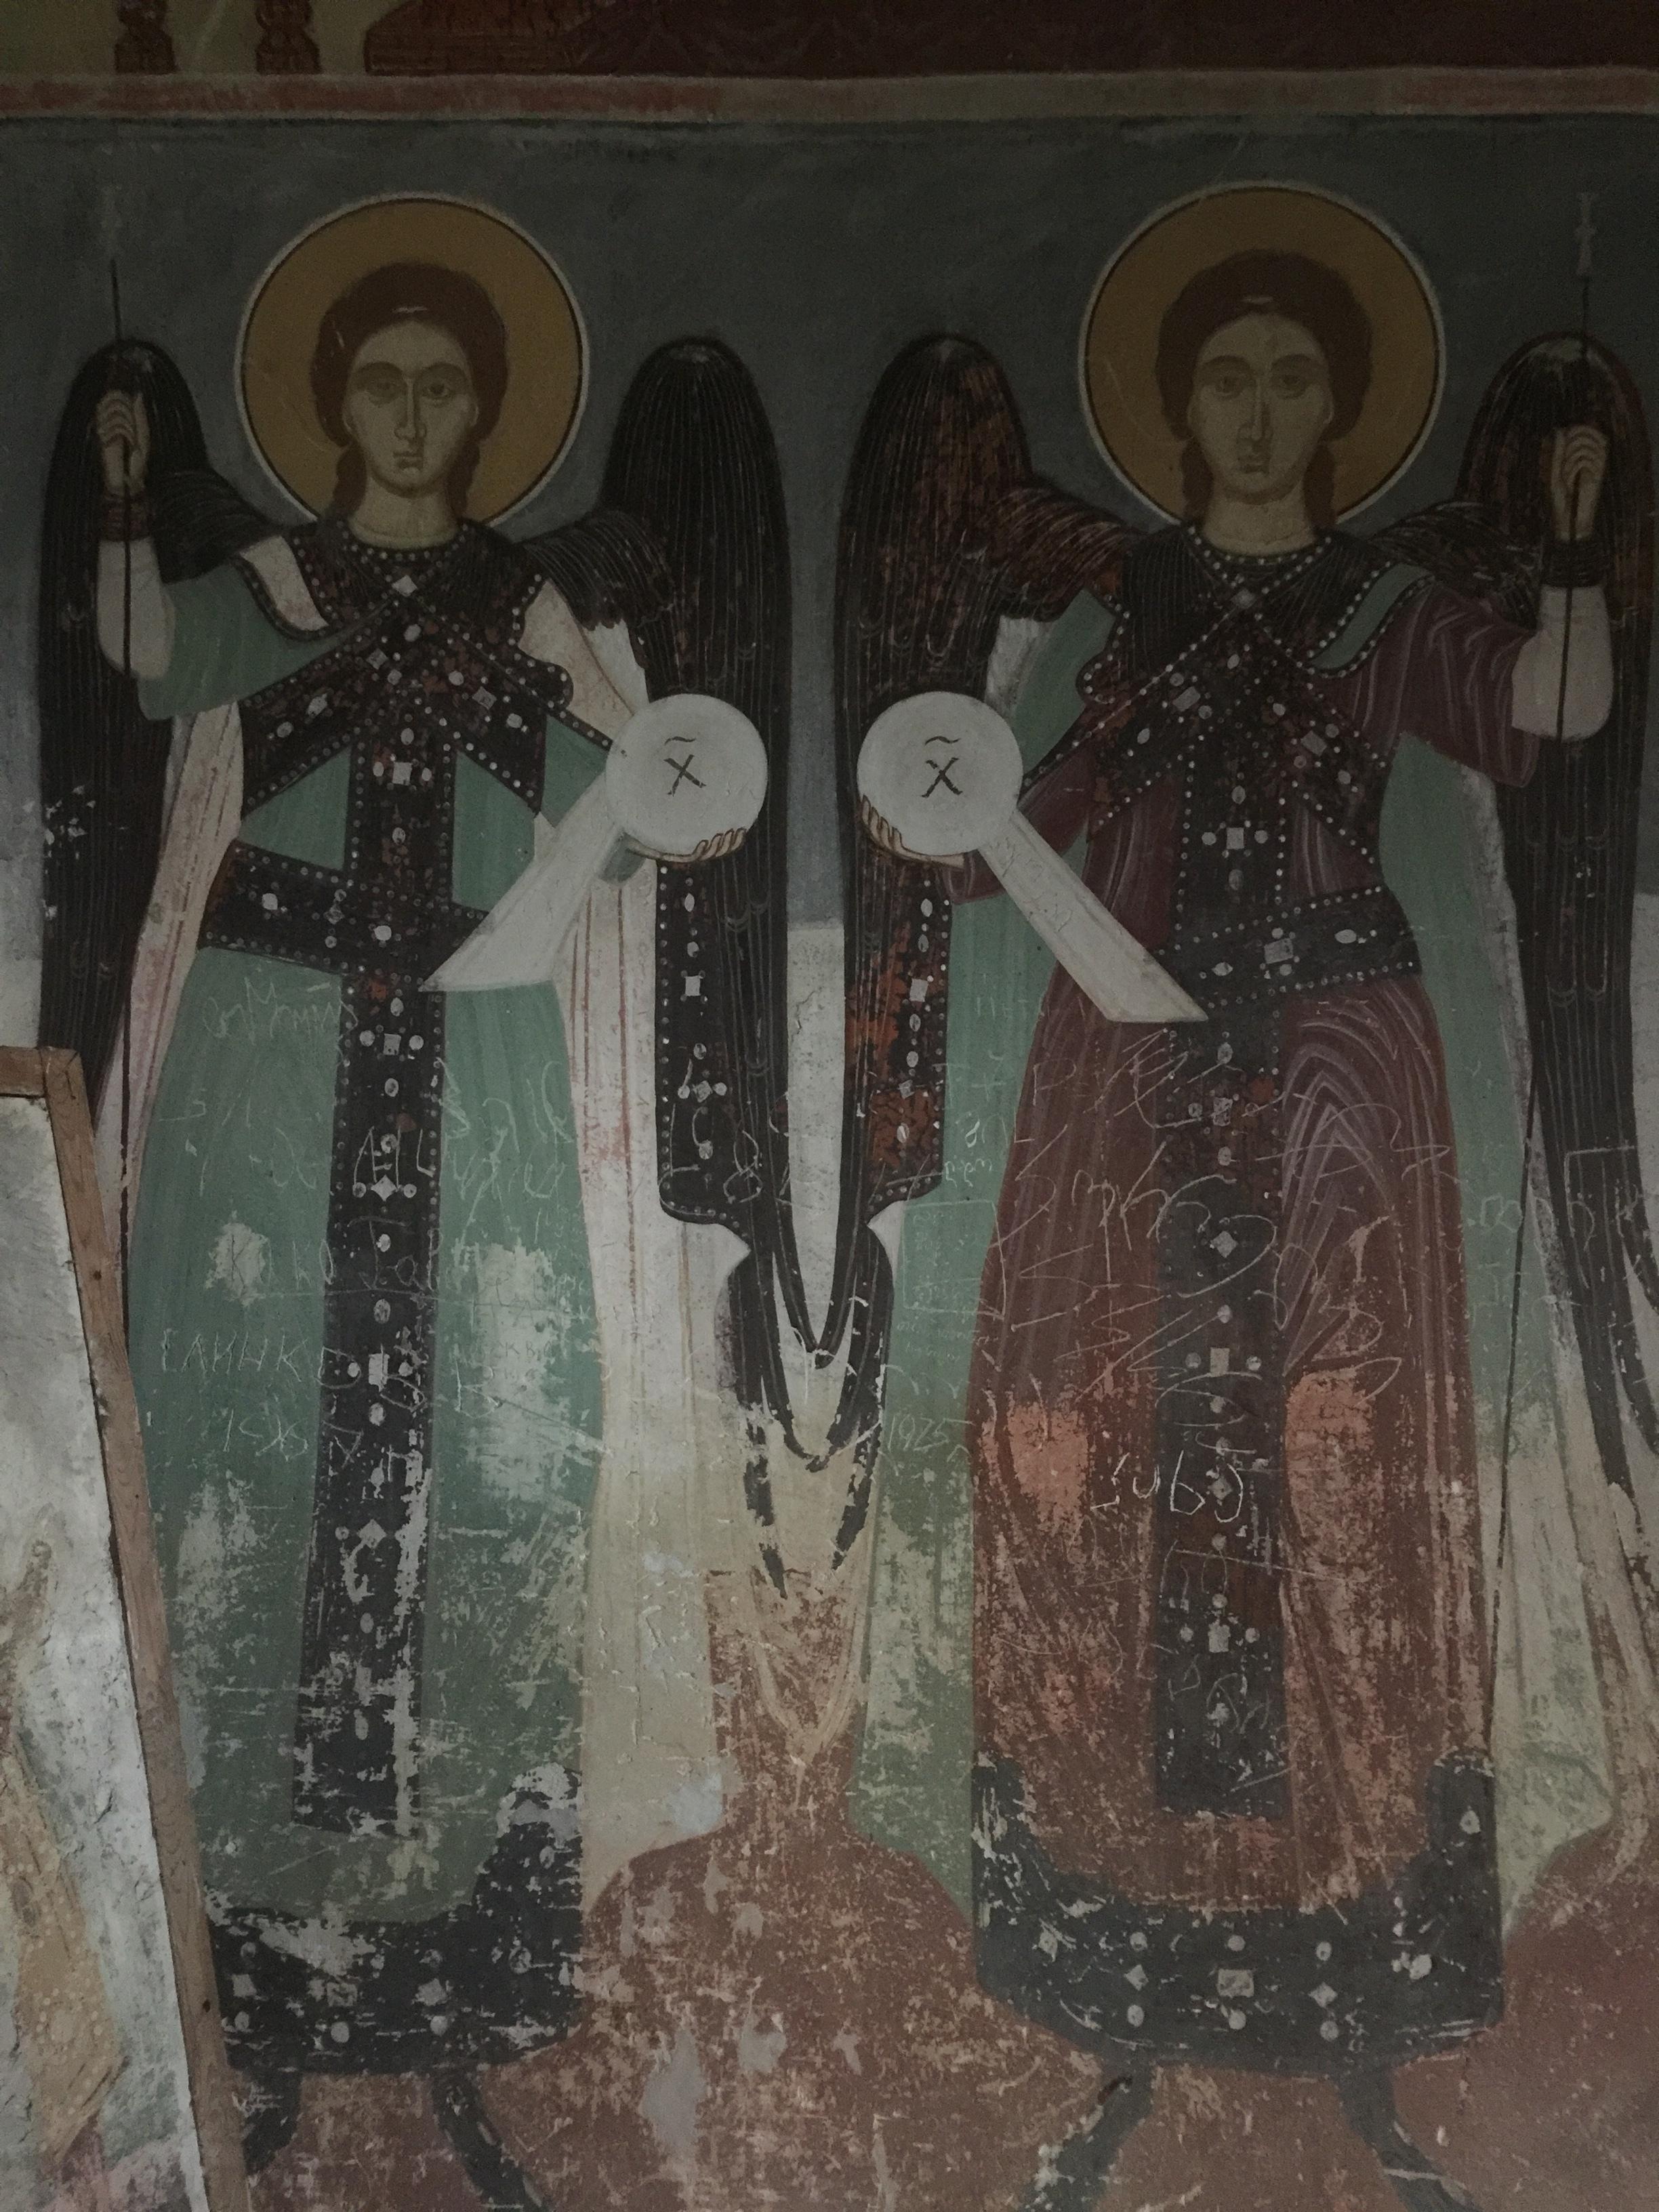 Another amazing fresco